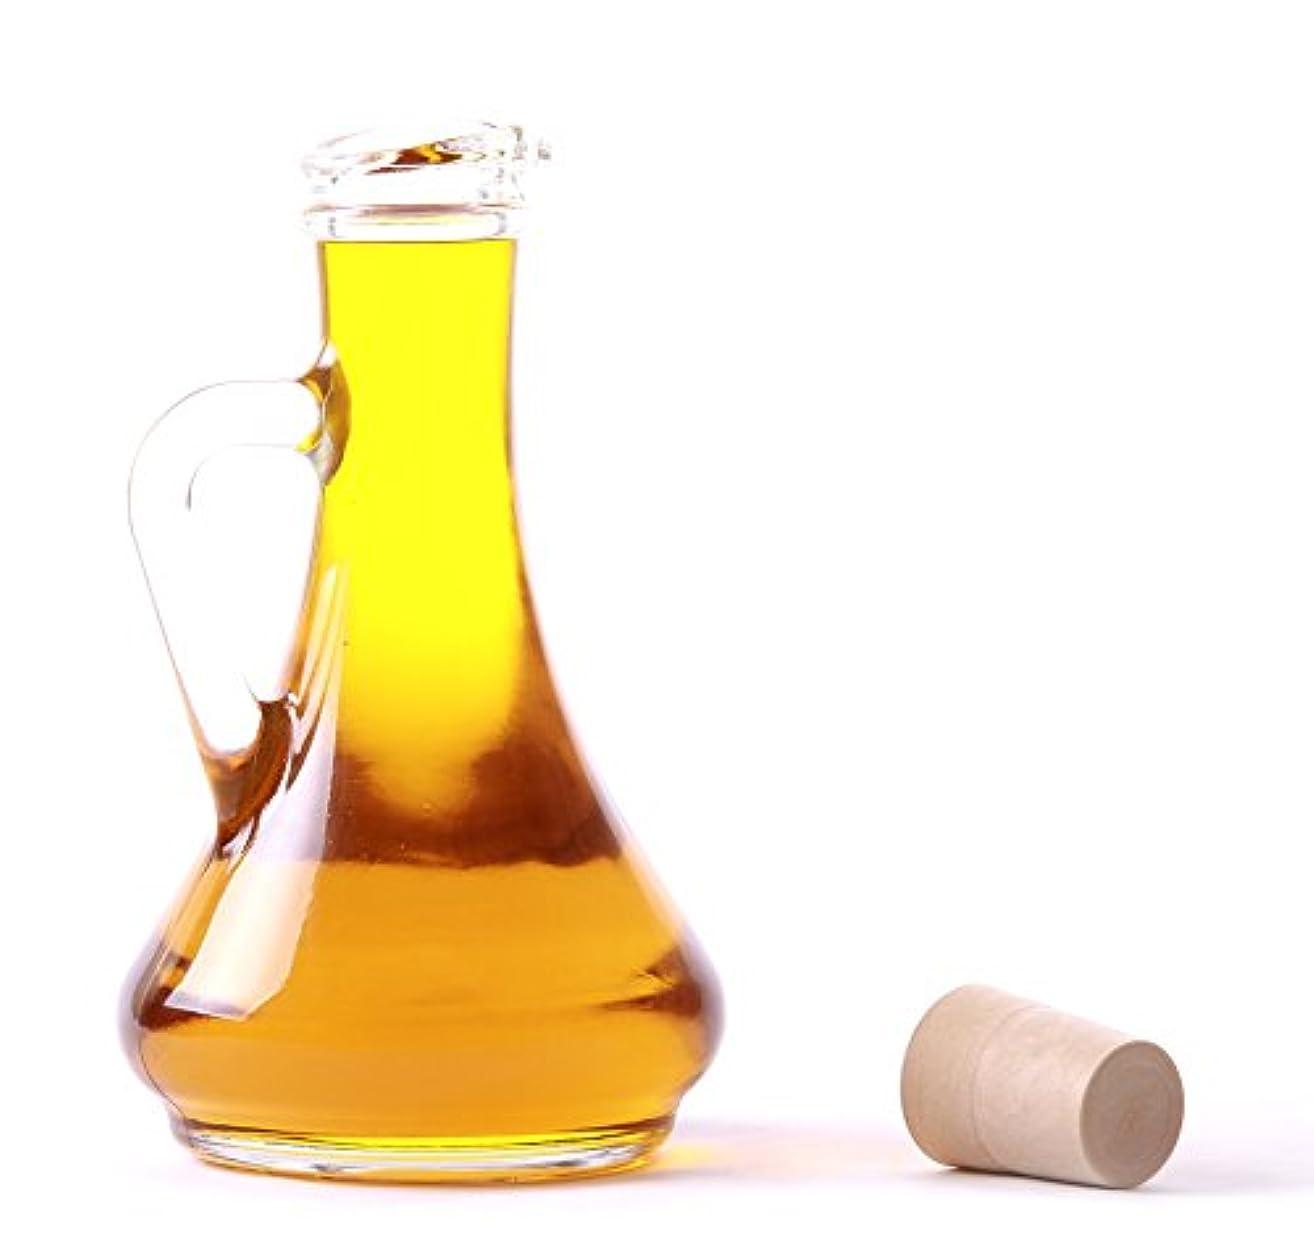 リスキーな代表泣き叫ぶMystic Moments | Flaxseed (Linseed) Organic Carrier Oil - 5 Litre - 100% Pure